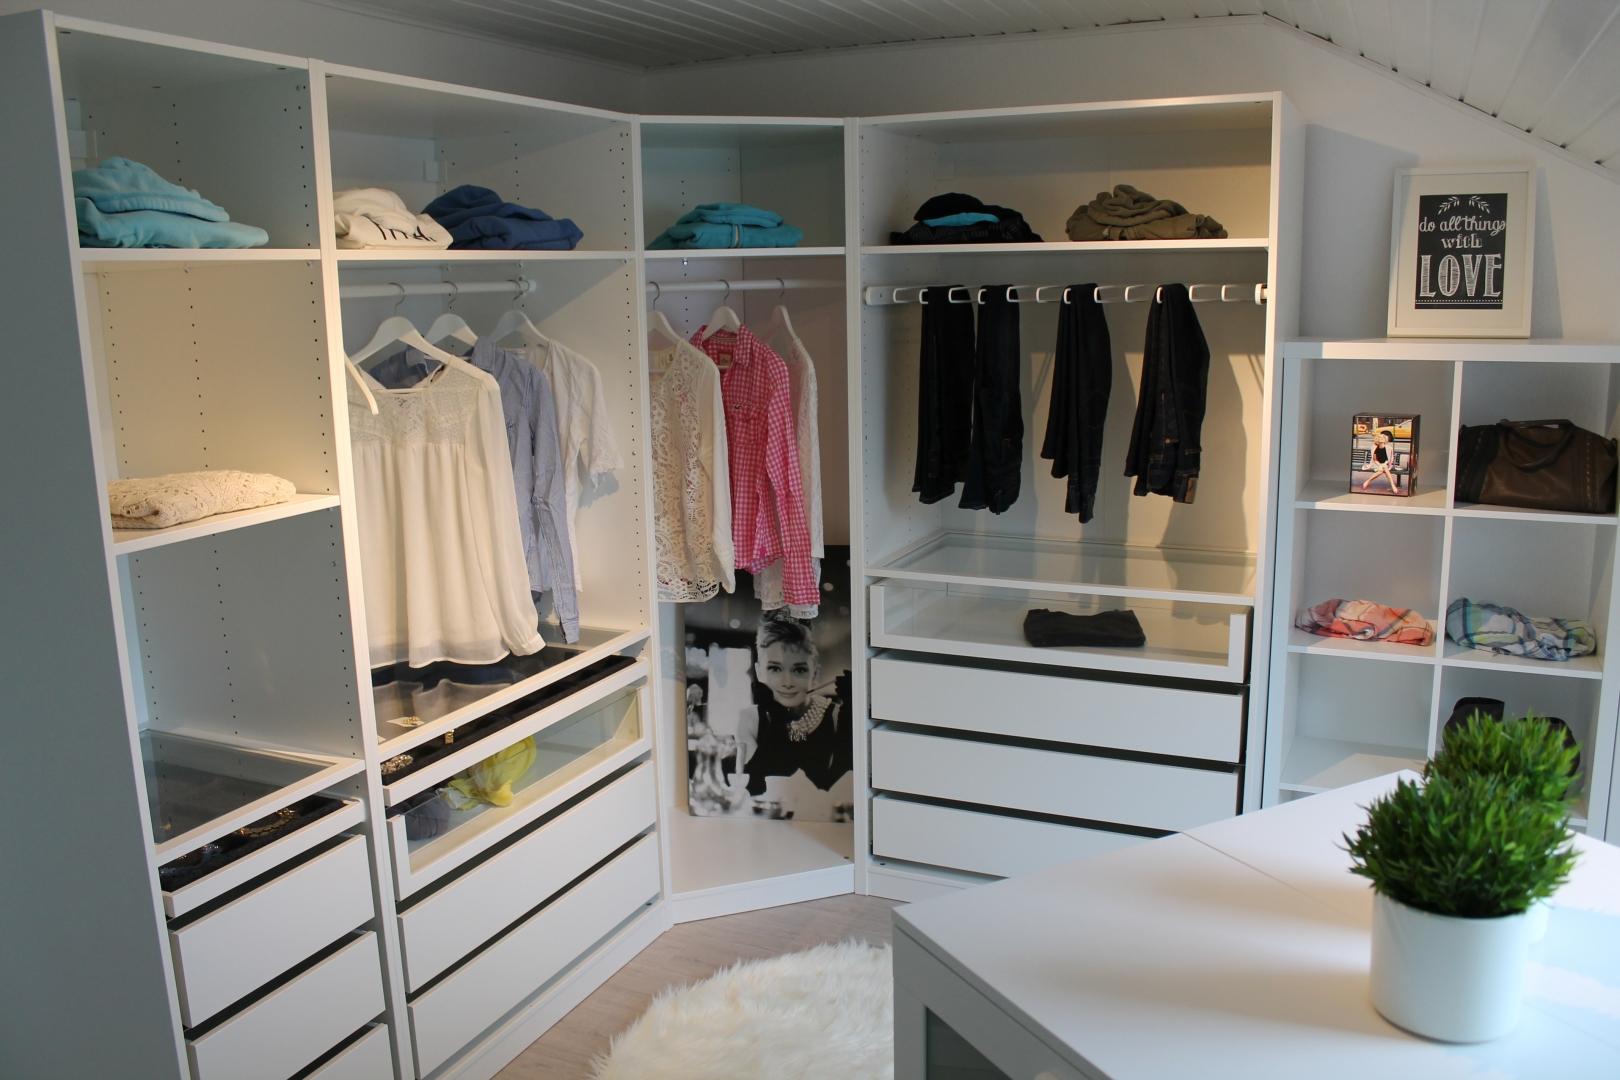 ikea pax ankleidezimmer einrichten beispiel sara bow. Black Bedroom Furniture Sets. Home Design Ideas